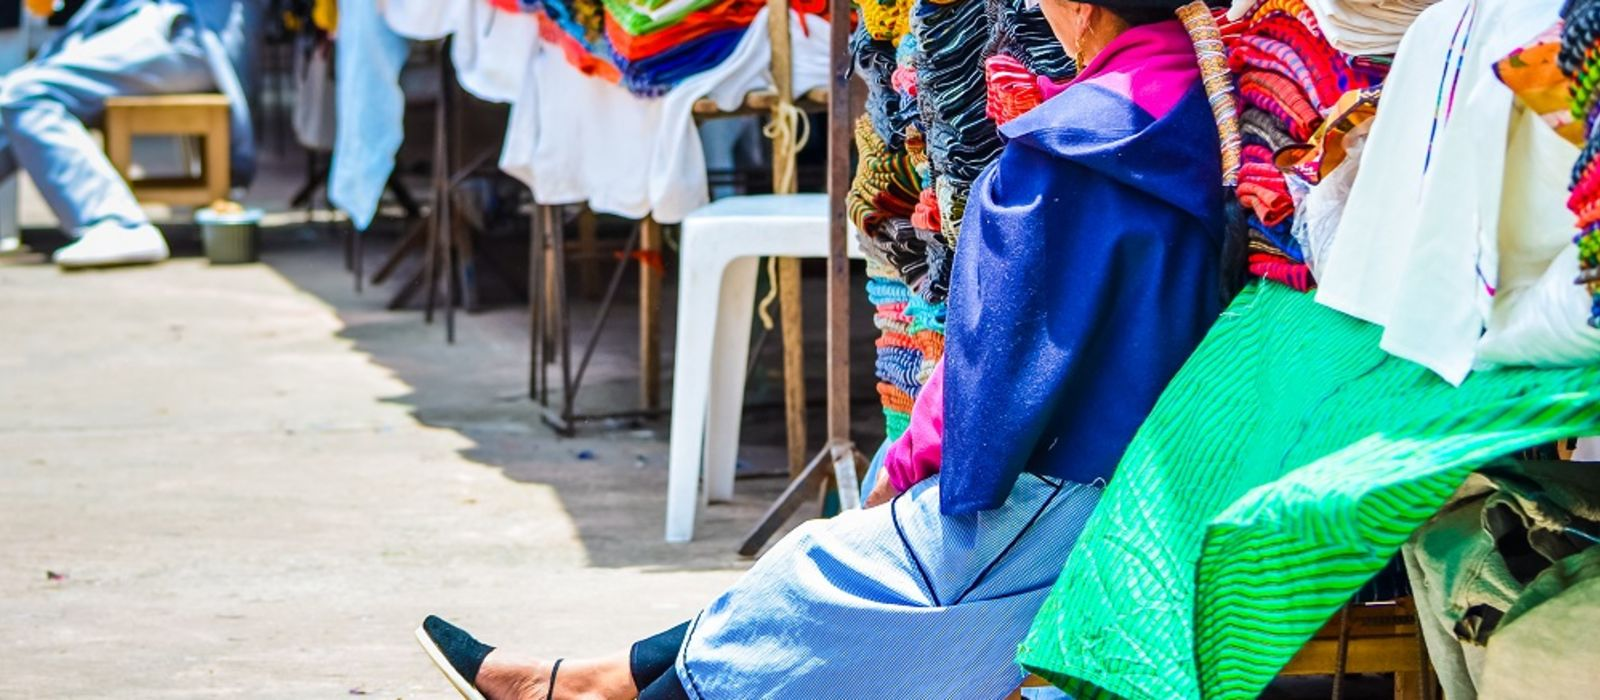 culture of Ecuador - Colorful market in Otavalo